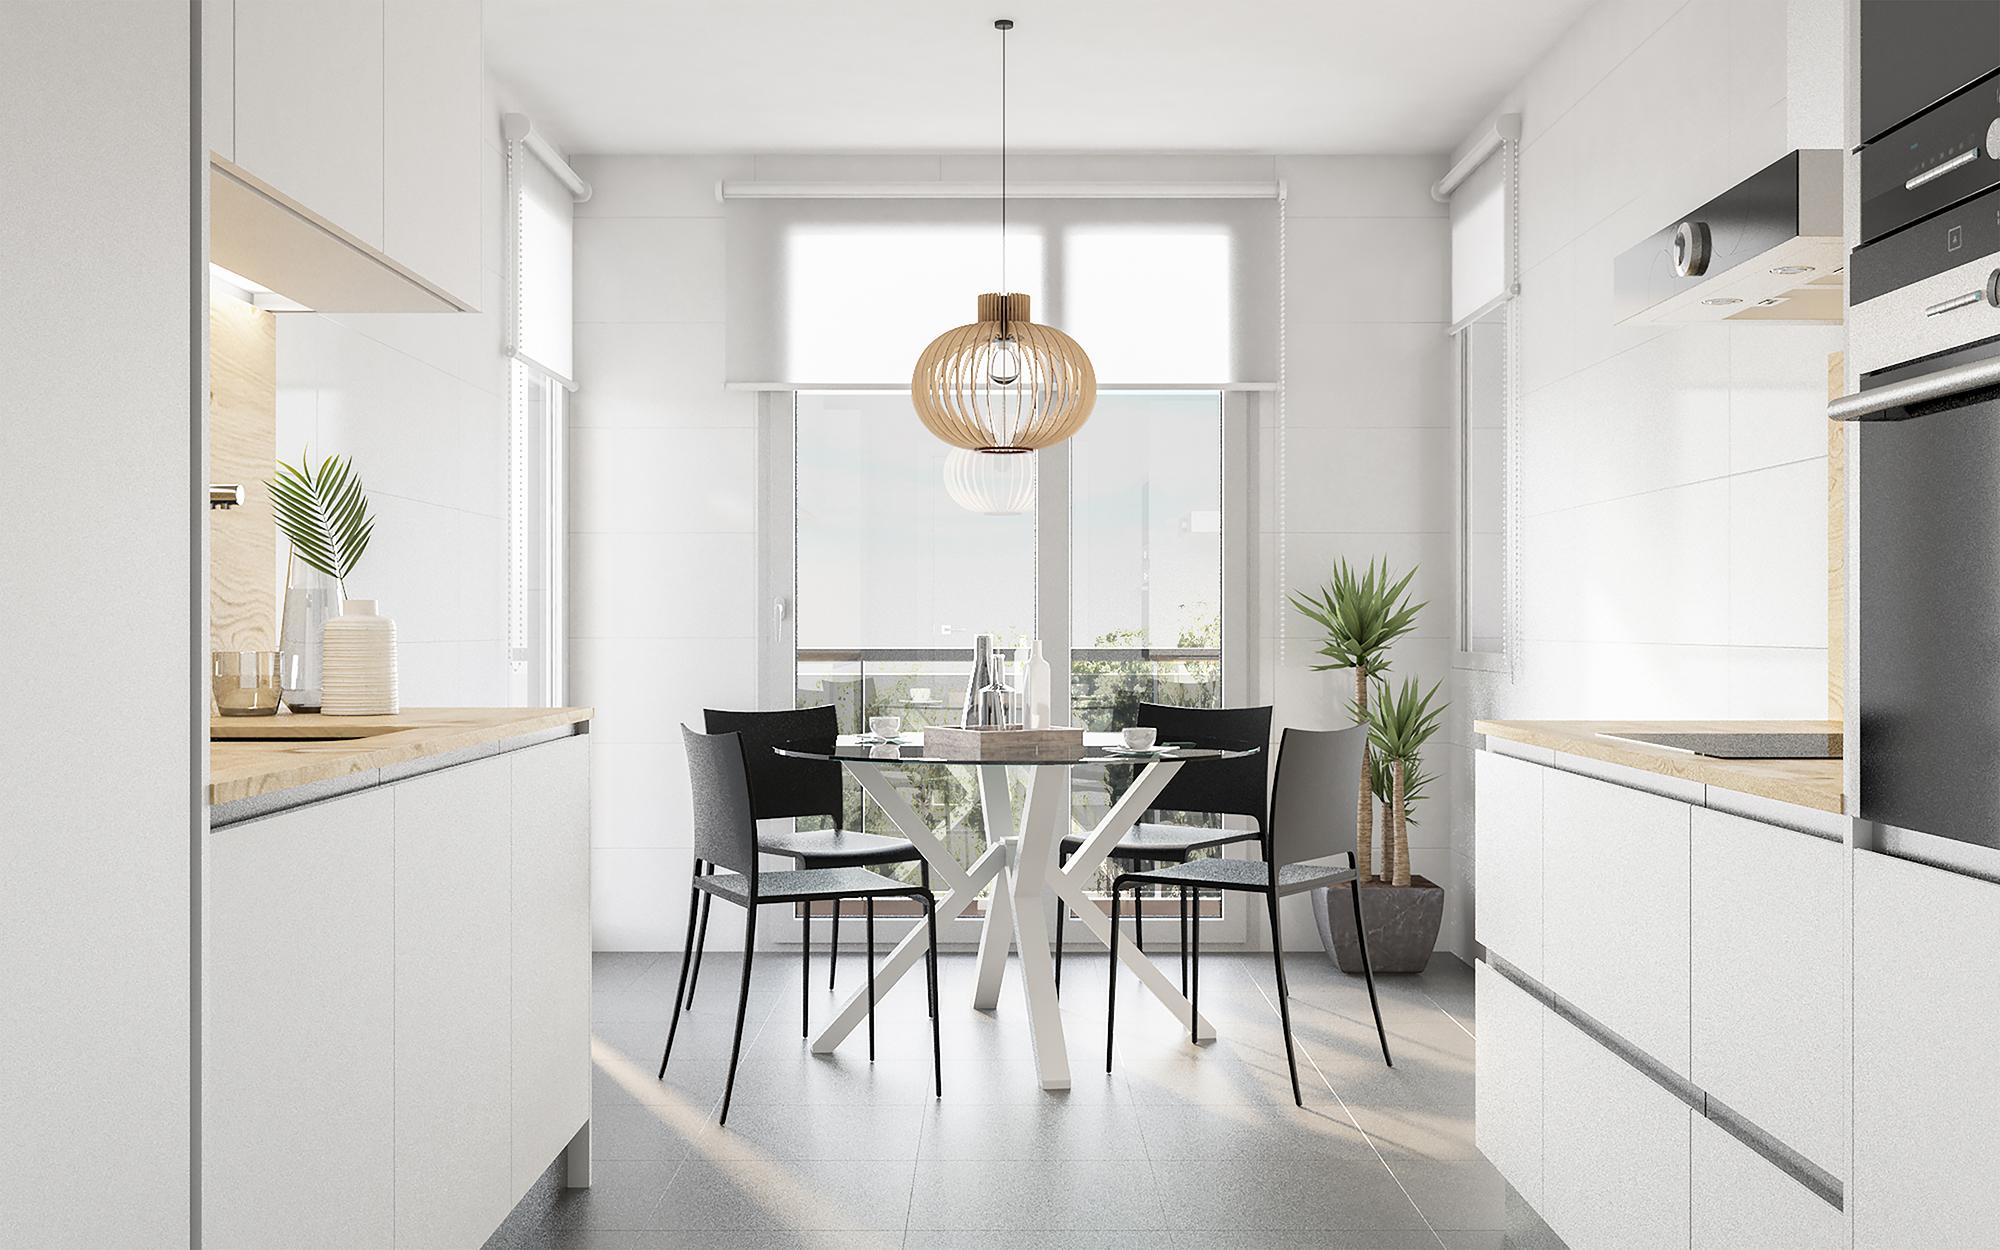 Nueva Promocion!Ultima vivienda, A estrenar en 2021, Residencial Recondo, Urbanizacion con Piscina.Viviendas confortables y funcionales!! Reserva ya la tuya.Informate!!